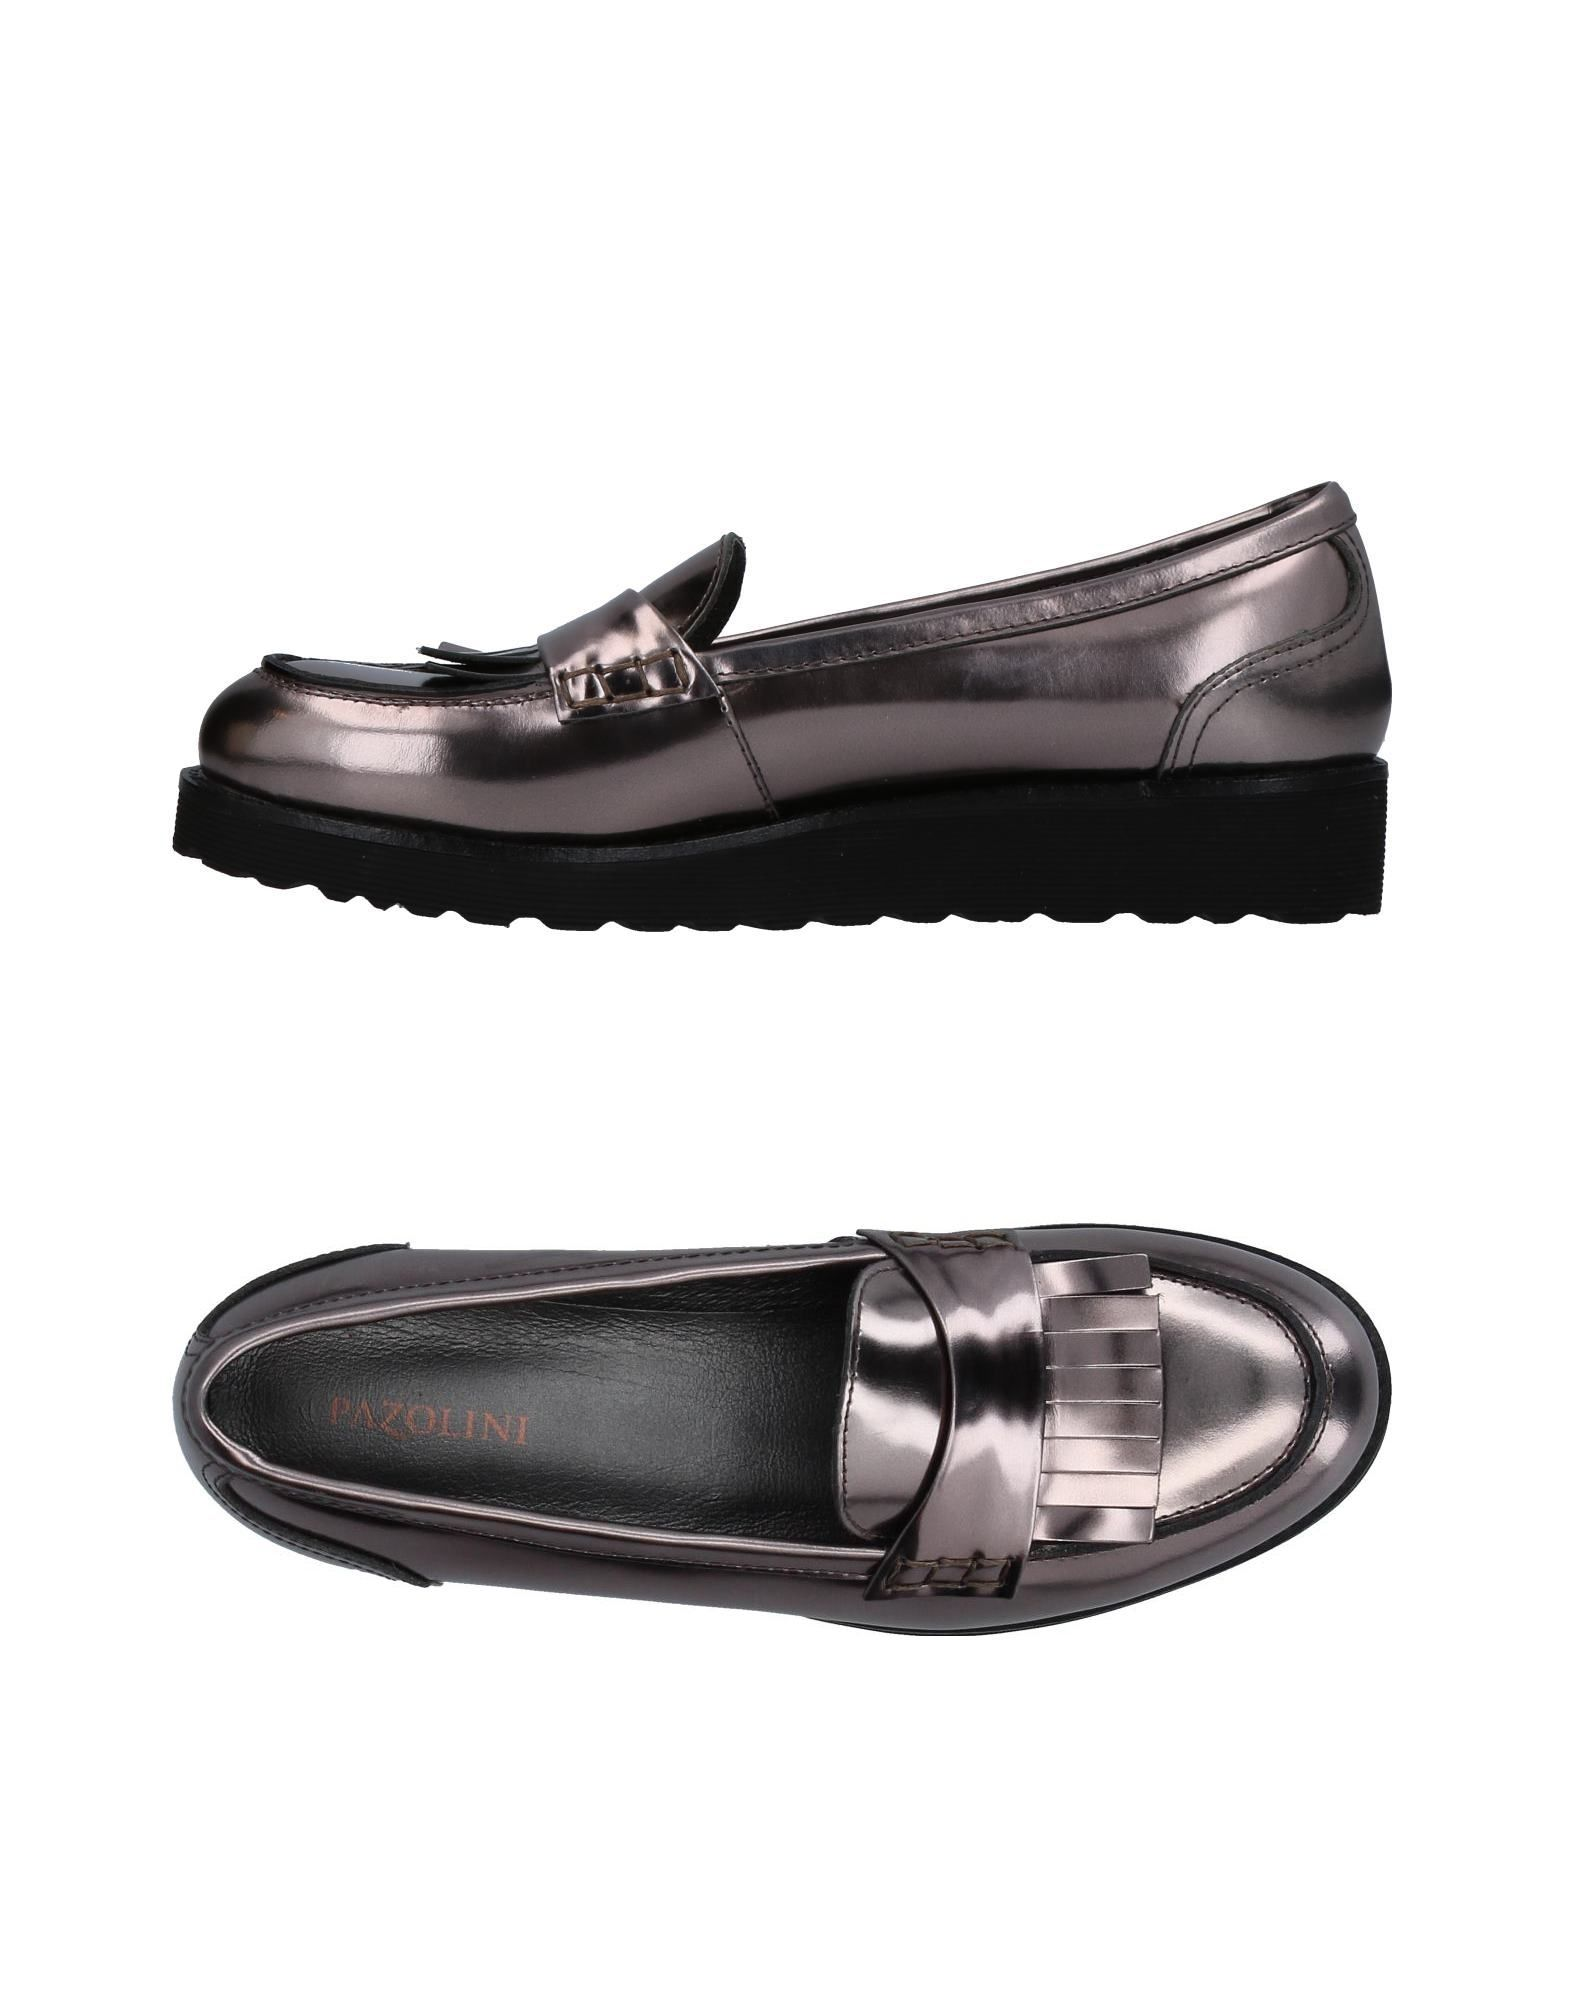 Carlo Pazolini Mokassins Damen  11407646BE Gute Qualität beliebte Schuhe